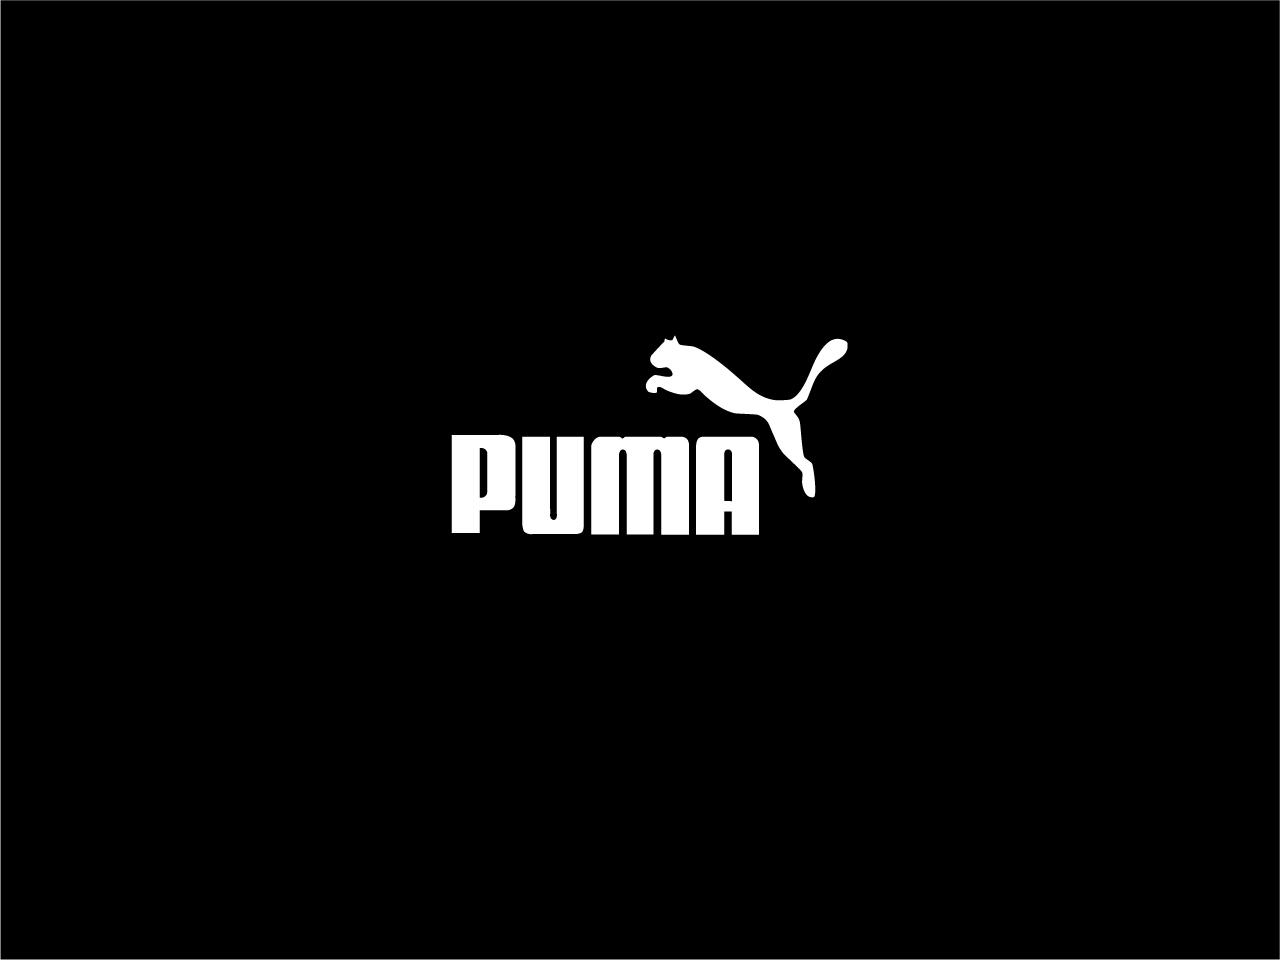 puma_k_1280_960.jpg